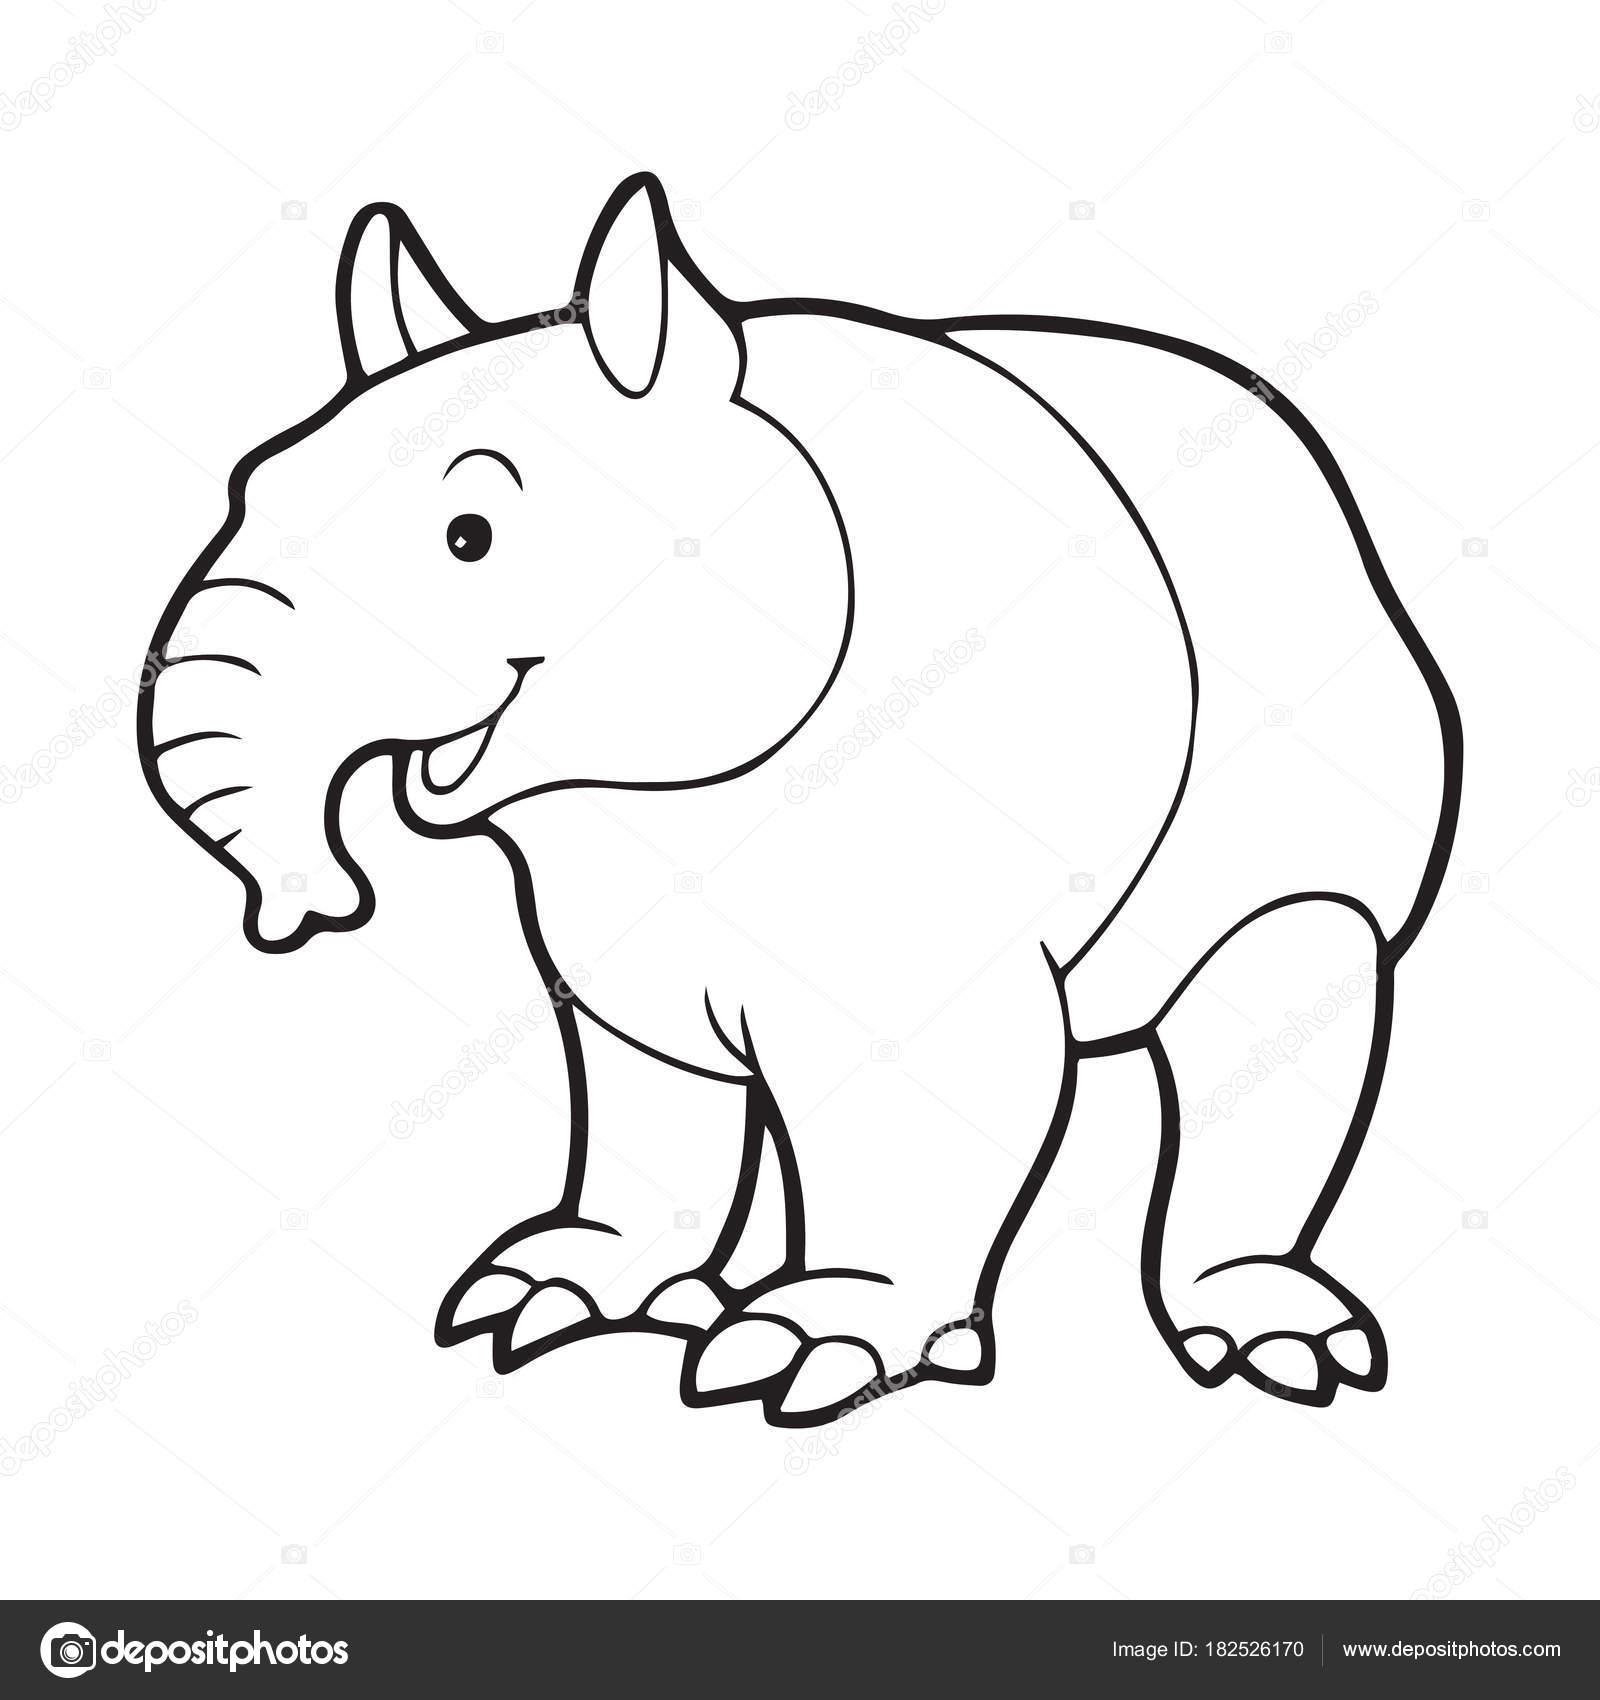 Sevimli çizgi Karınca Yiyen çocuk Için Beyaz Arka Plan üzerinde